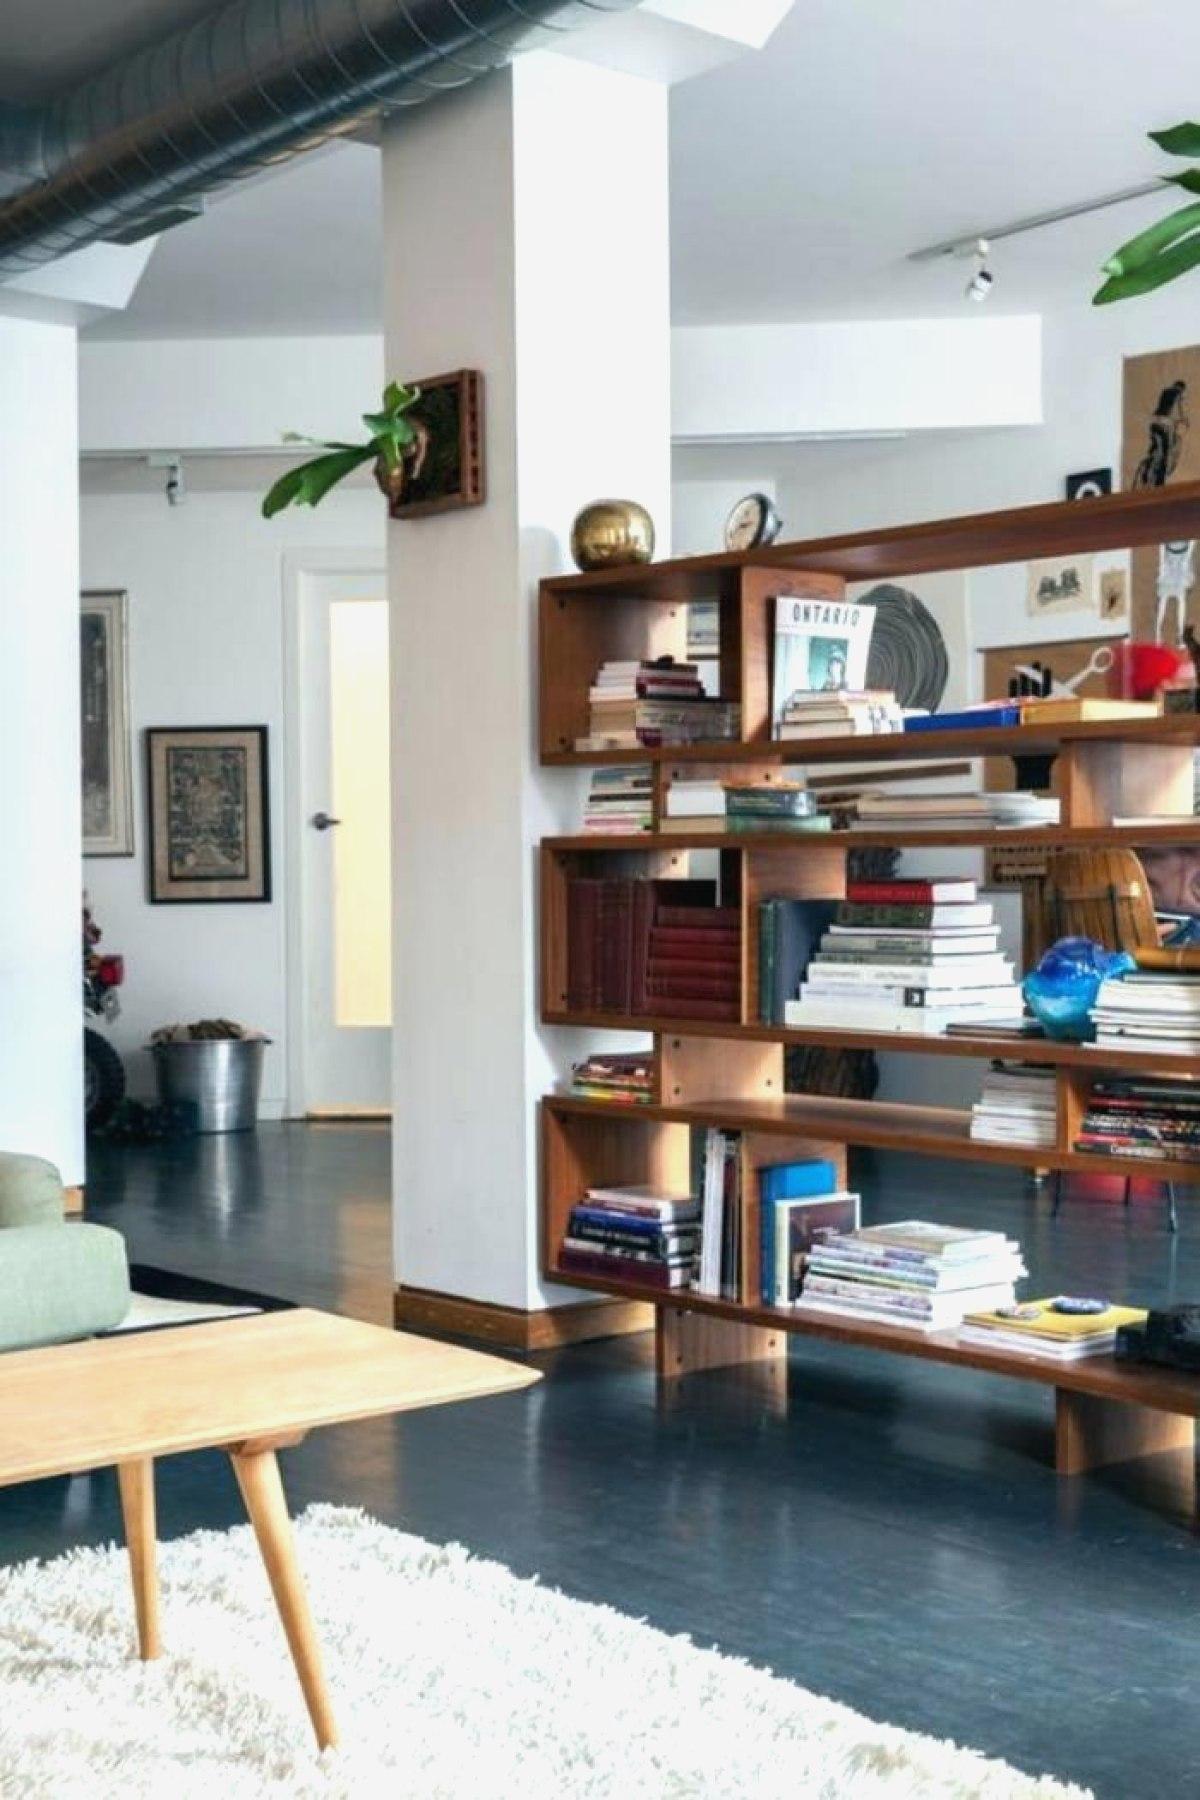 étagères Salle De Bain Leroy Merlin Frais Images Le Convenable 52 Galerie étag¨re En Bois Massif Parfait